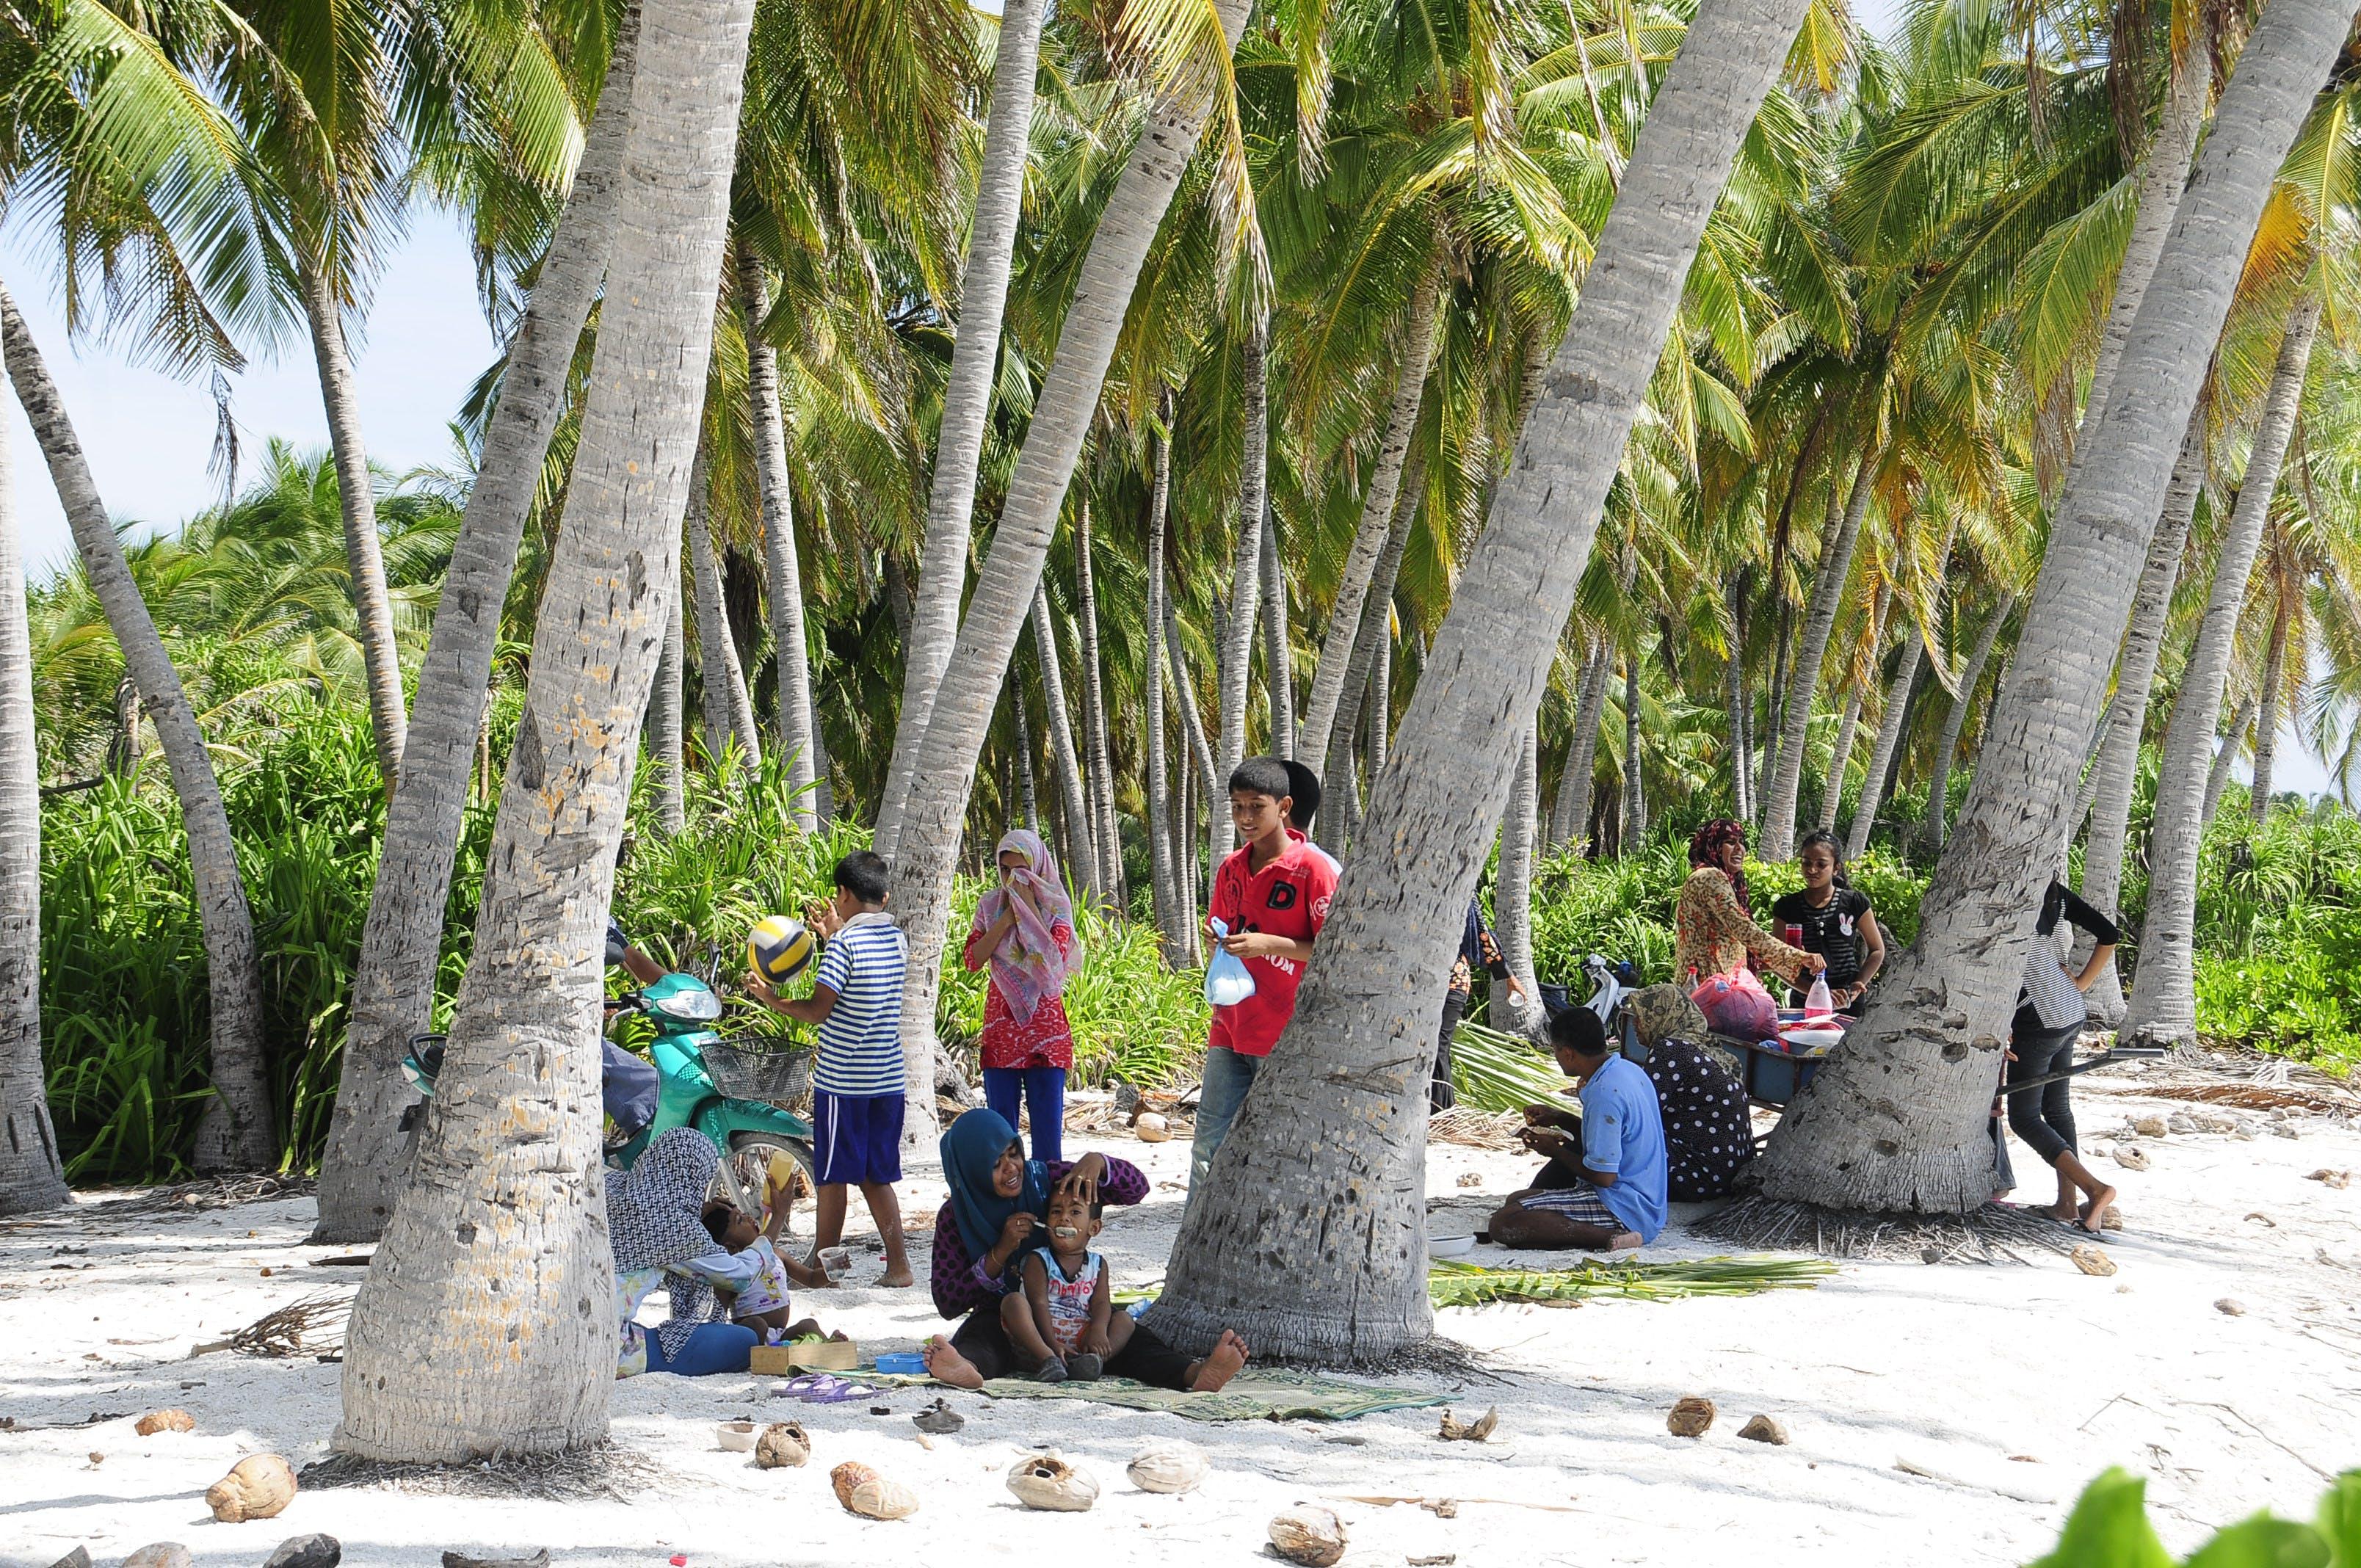 drzewa, dzieci, kokosy